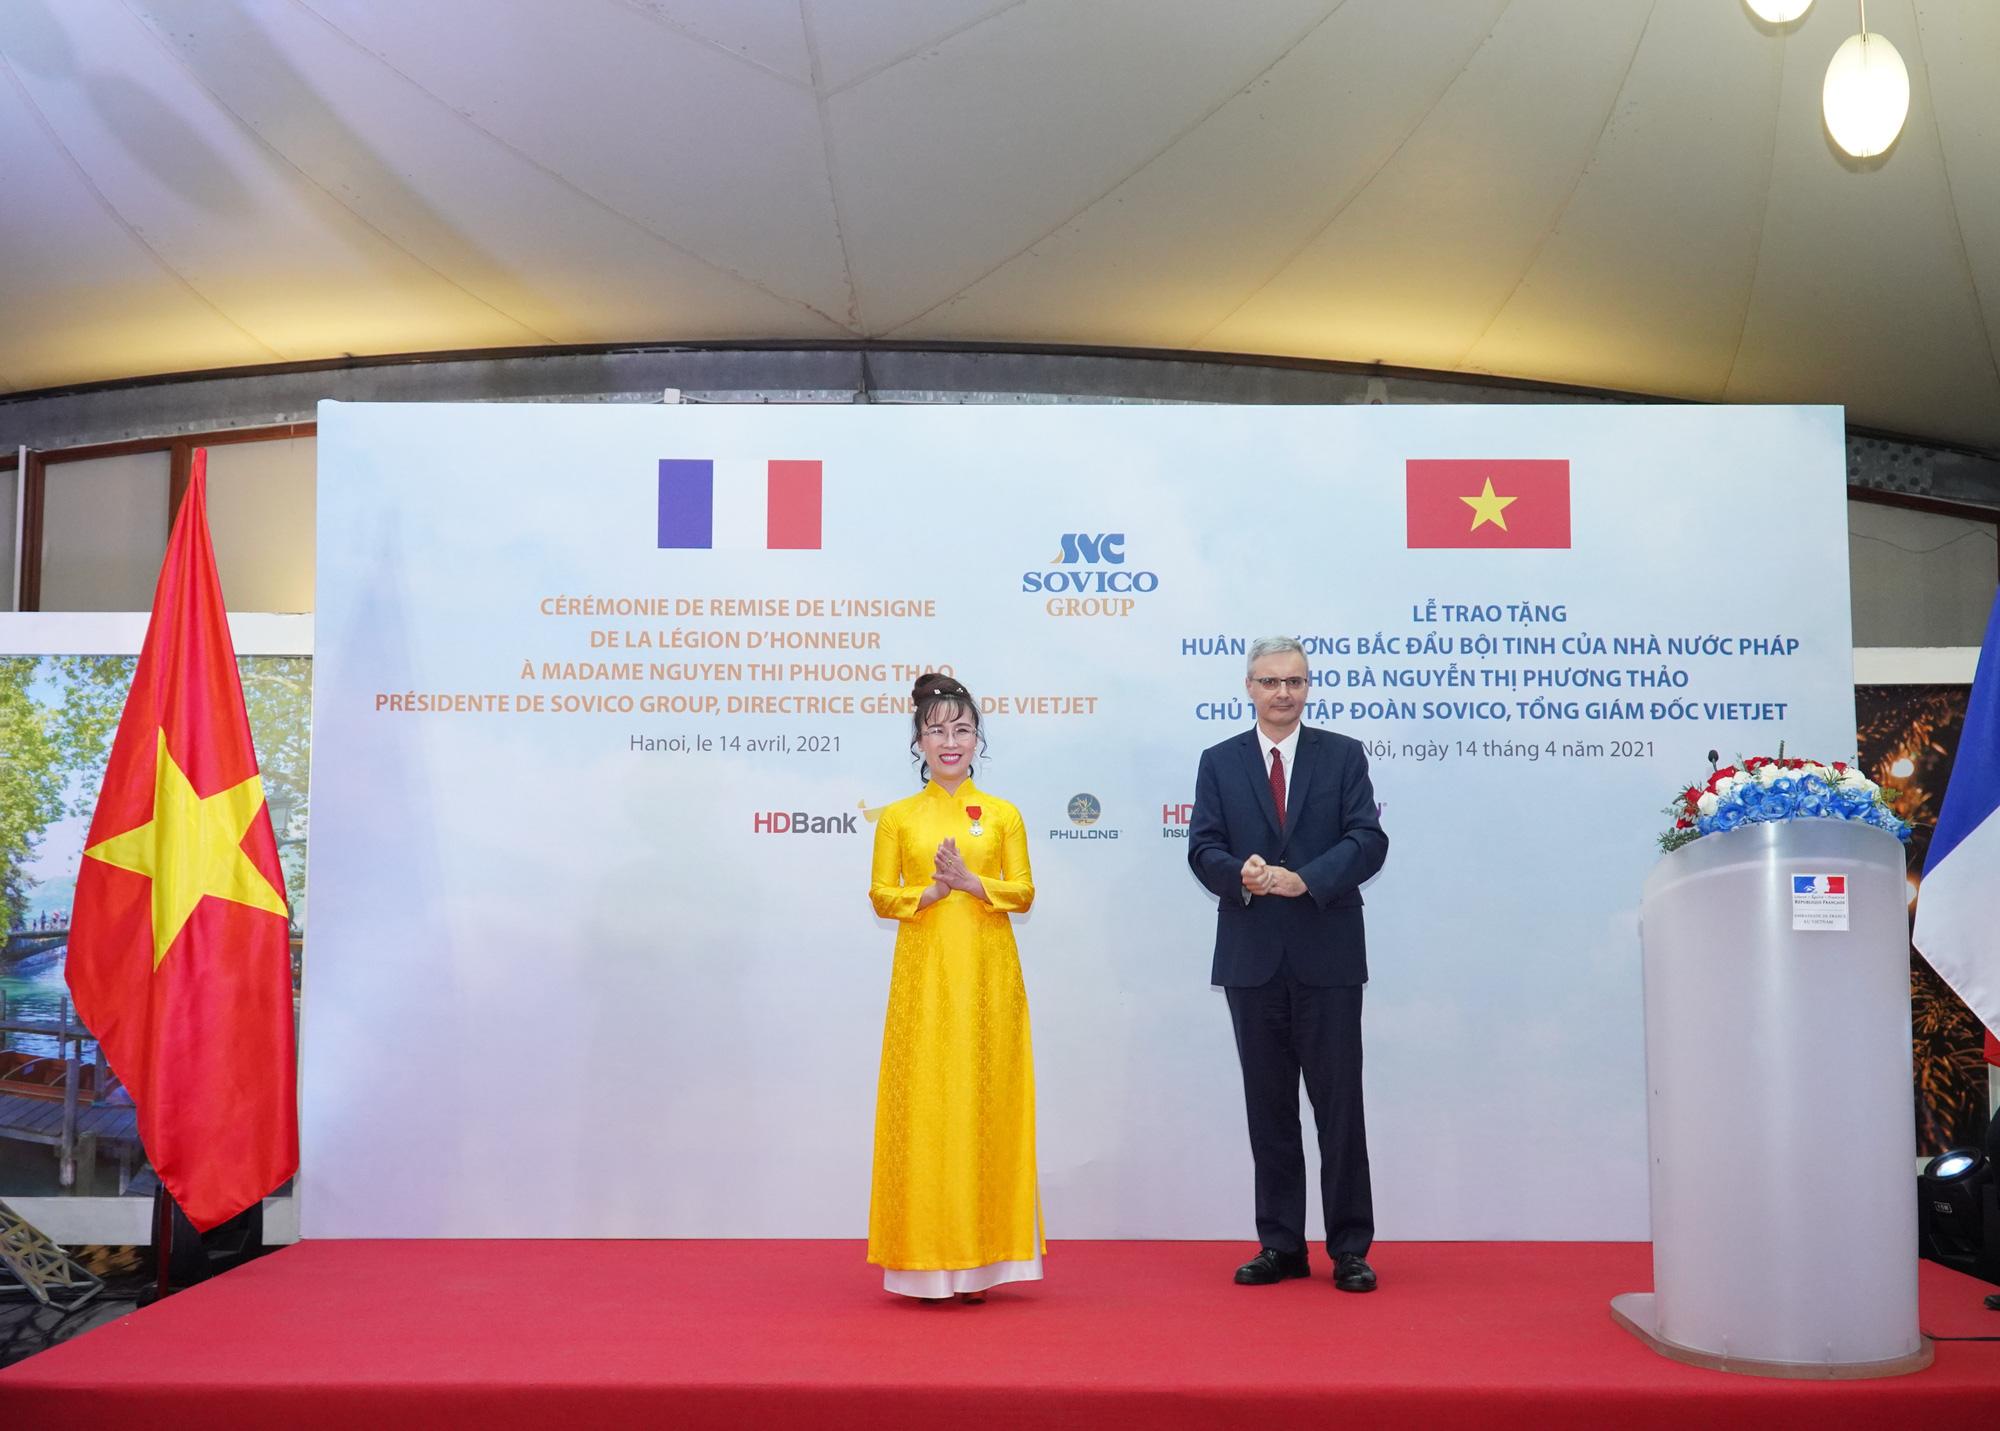 Nữ tỷ phú Nguyễn Thị Phương Thảo dành tặng Huân chương Bắc đẩu bội tinh cho 30.000 cán bộ nhân viên - Ảnh 2.